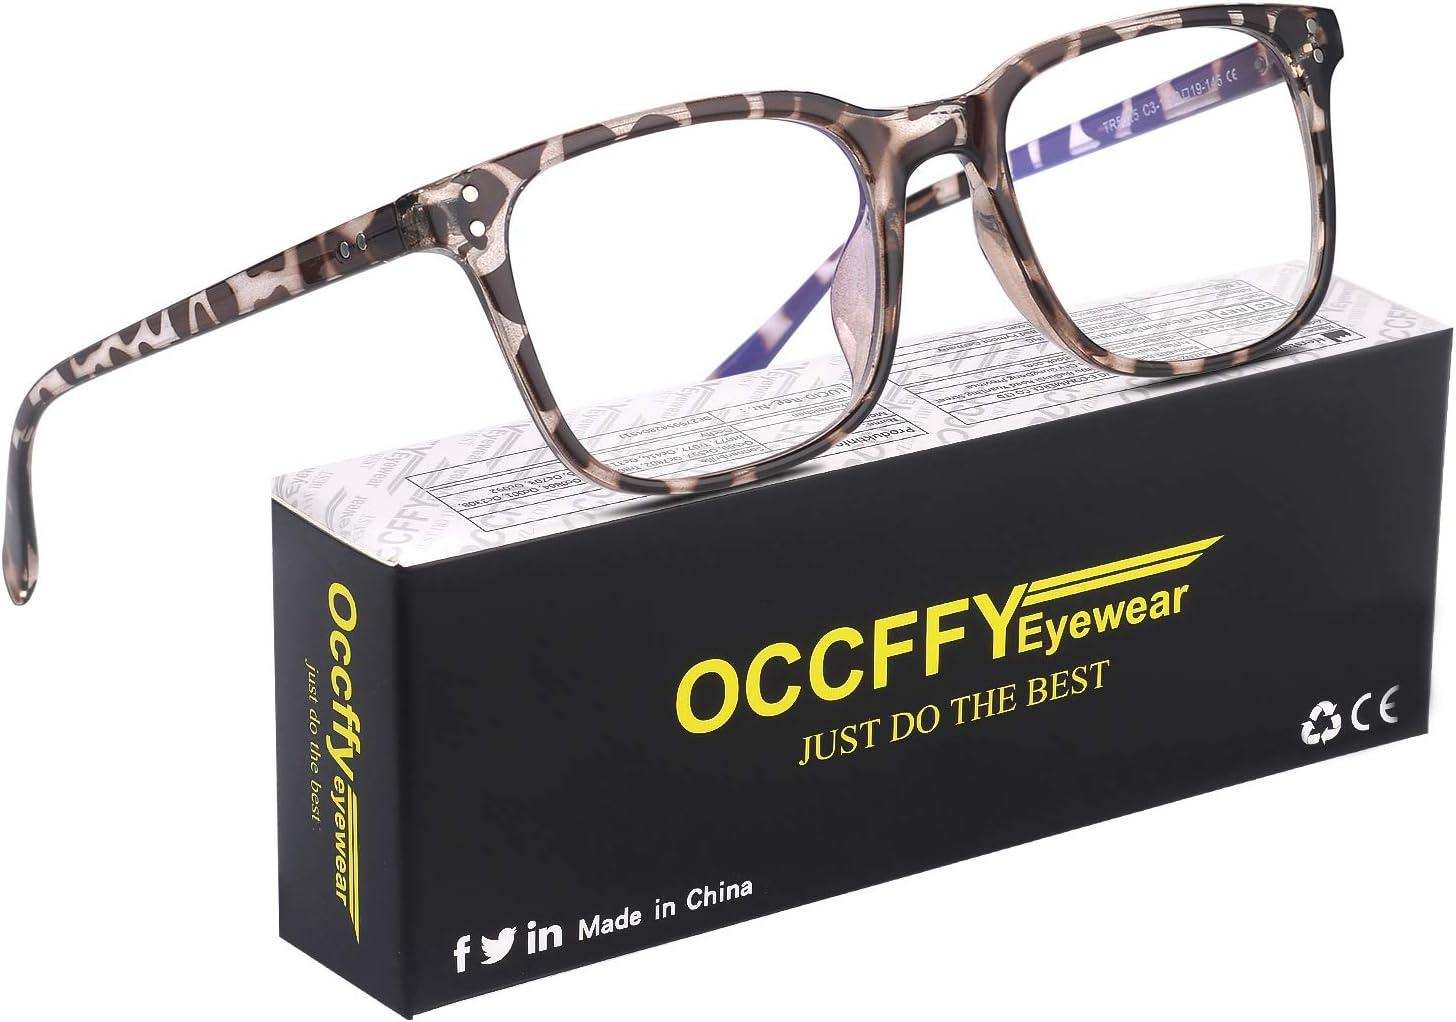 Occffy Gafas para Ordenador Anti luz Azul Antifatiga Sin Graduacion Gafas Luz Azul para PC, Gaming, Tablet, Lectura, Video Juegos Lentes Transparente Hombre Mujer Oc092 (Leopardo)